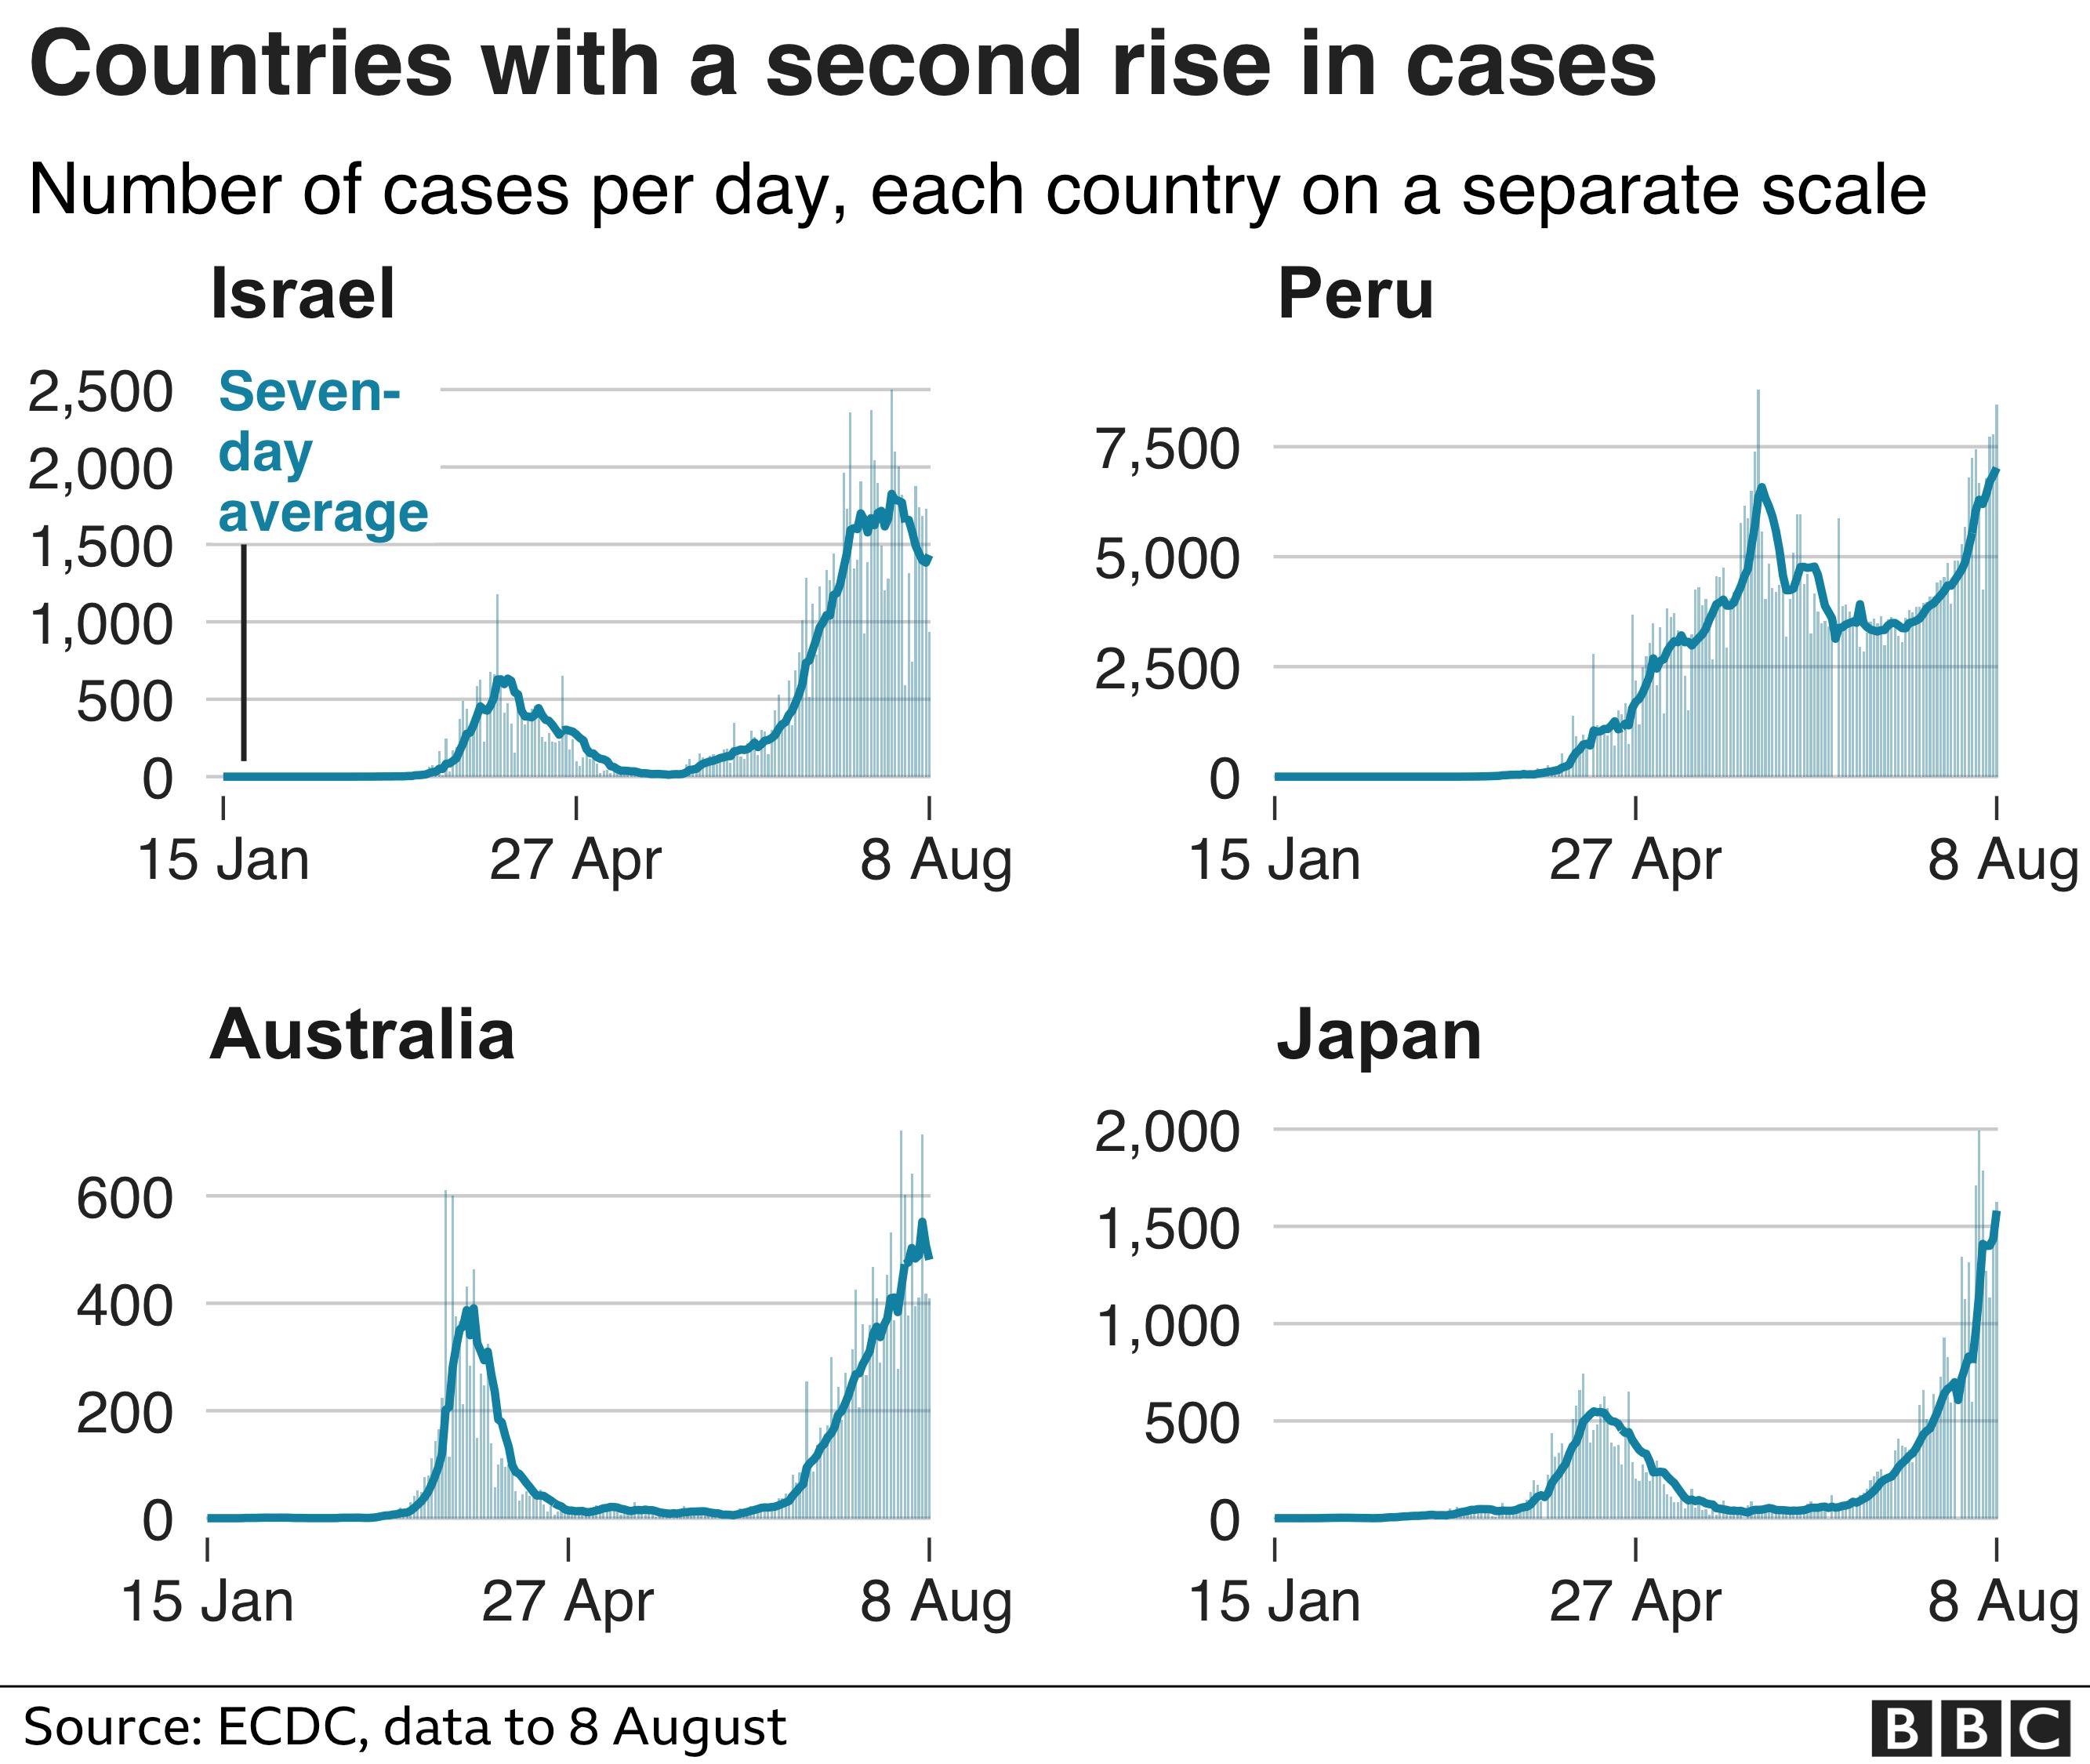 El gráfico muestra que países como Israel, Perú, Australia y Japón han tenido un segundo aumento en los casos: 9 de agosto